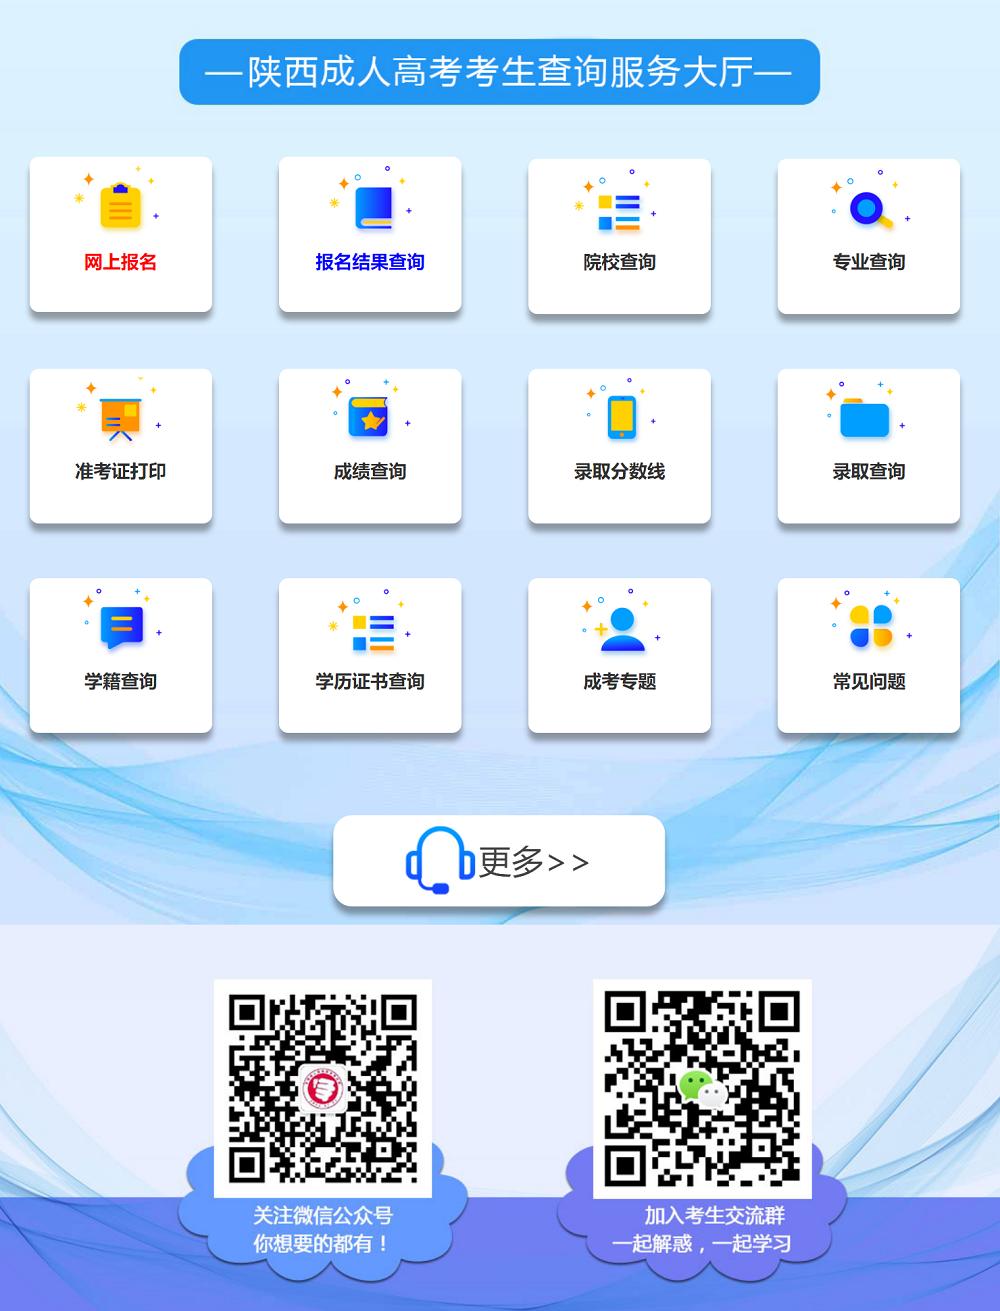 陕西成考网微信公众号-陕西省成考网